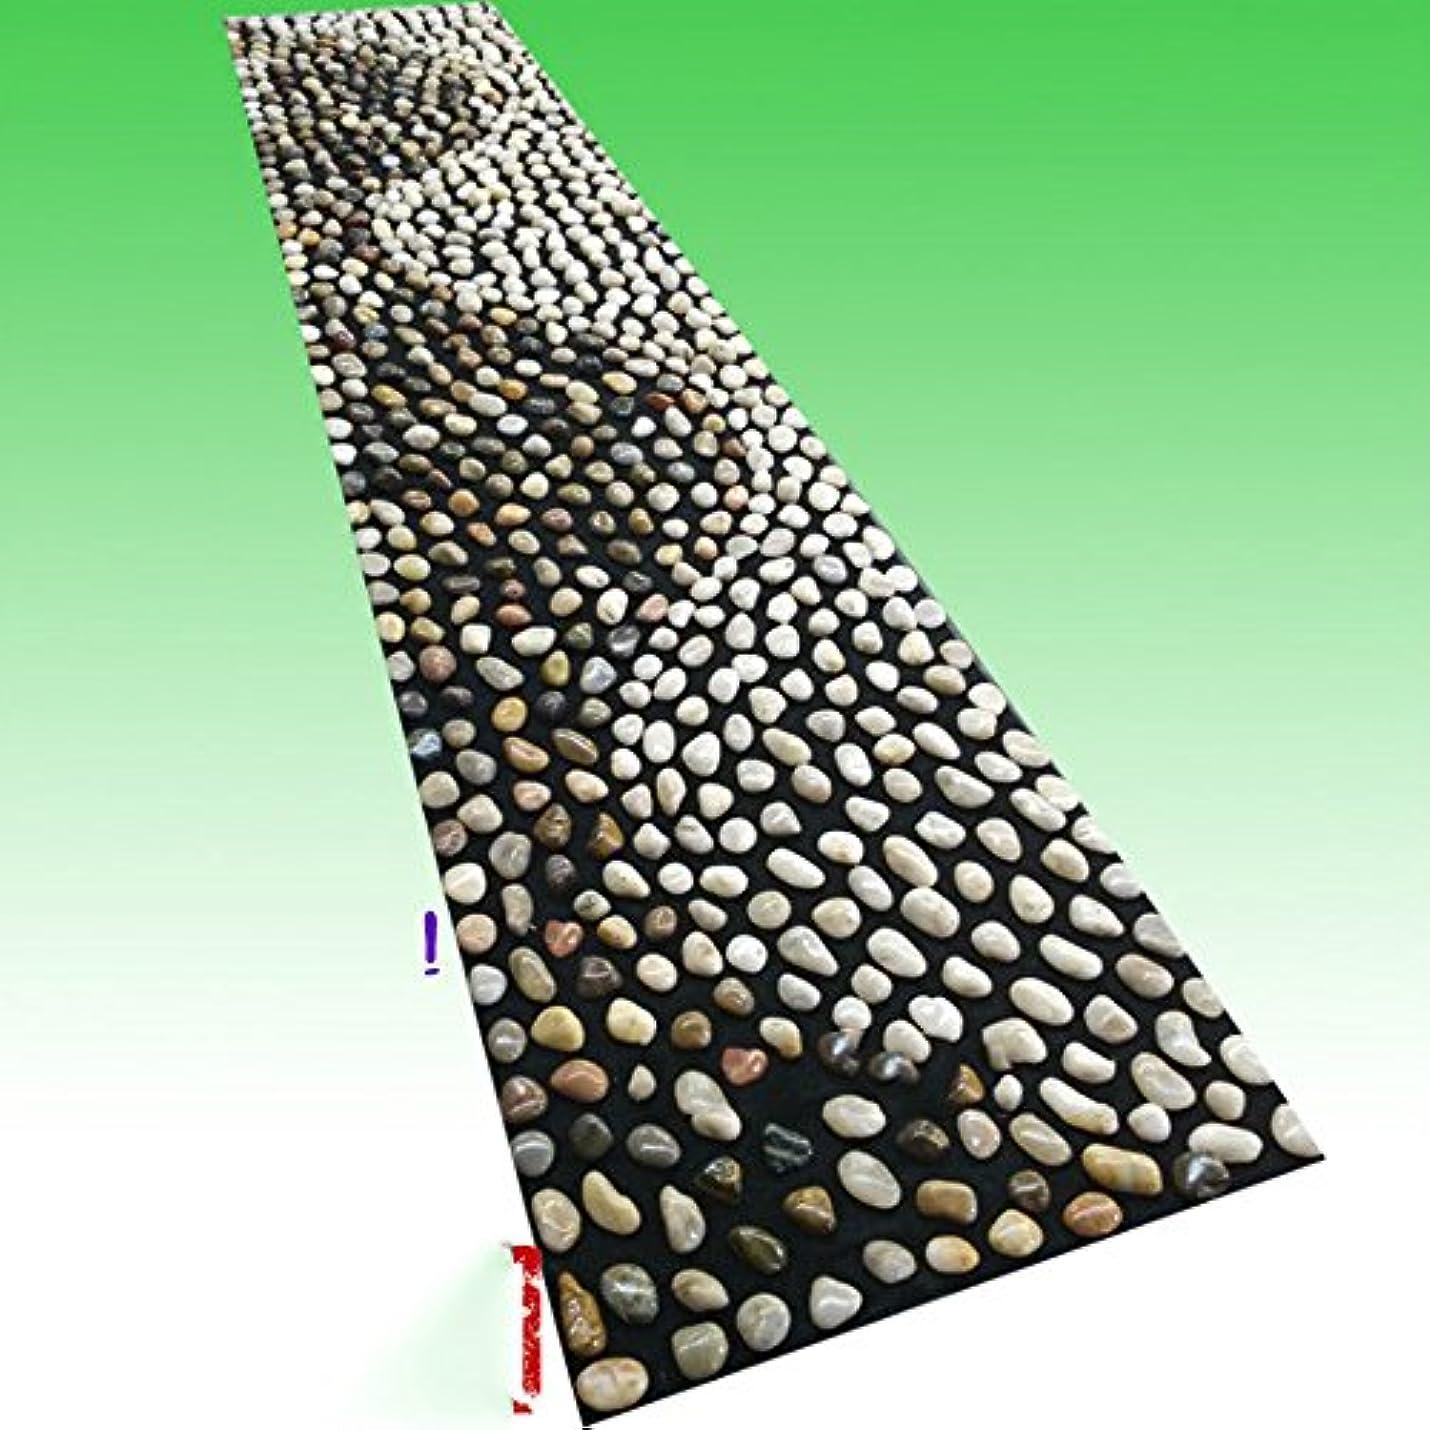 もちろんチャネルスカート足つぼ マット マッサージシート マッサージ 足裏 健康 ツボ刺激 折りたたみ ウォーキングマット 足裏マット 本物の健康 フットマッサージ 足のマッサージパッド 模造石畳の歩道